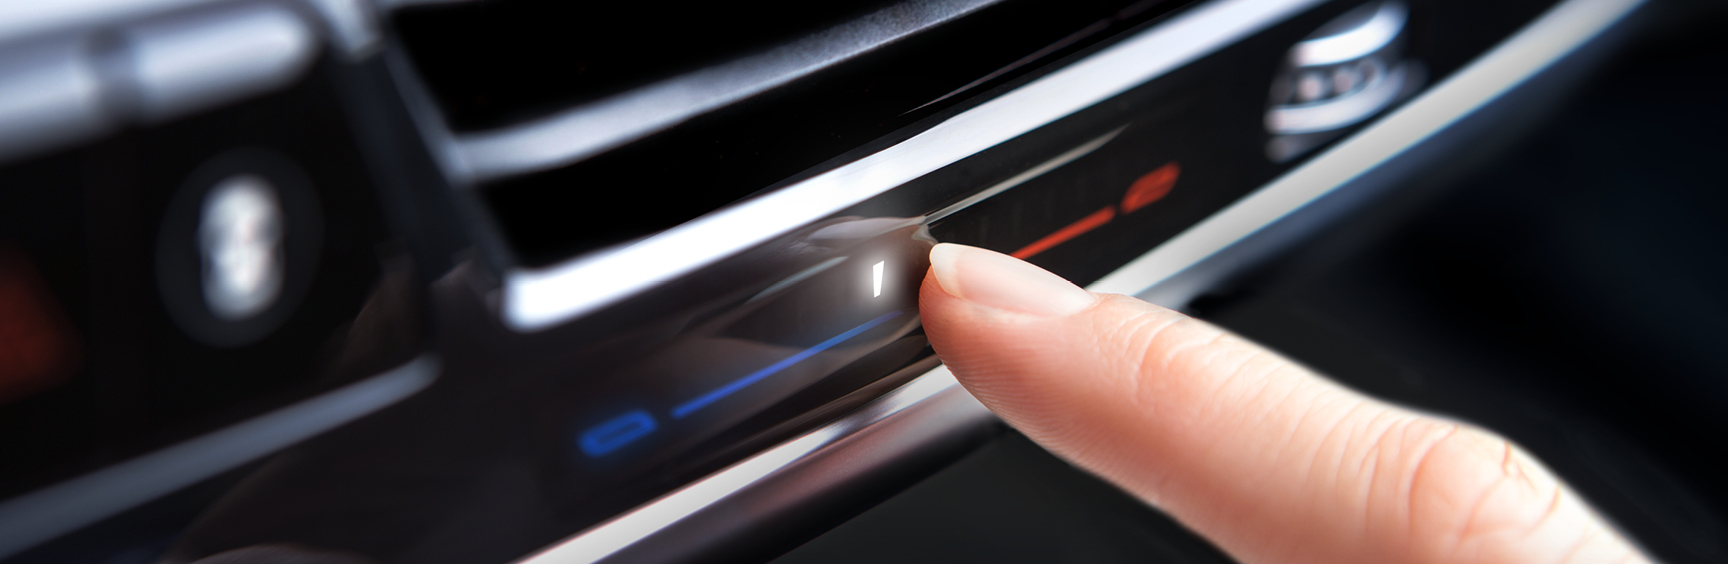 Finger berührt Oberfläche: Bedienung einer intelligenten Oberfläche